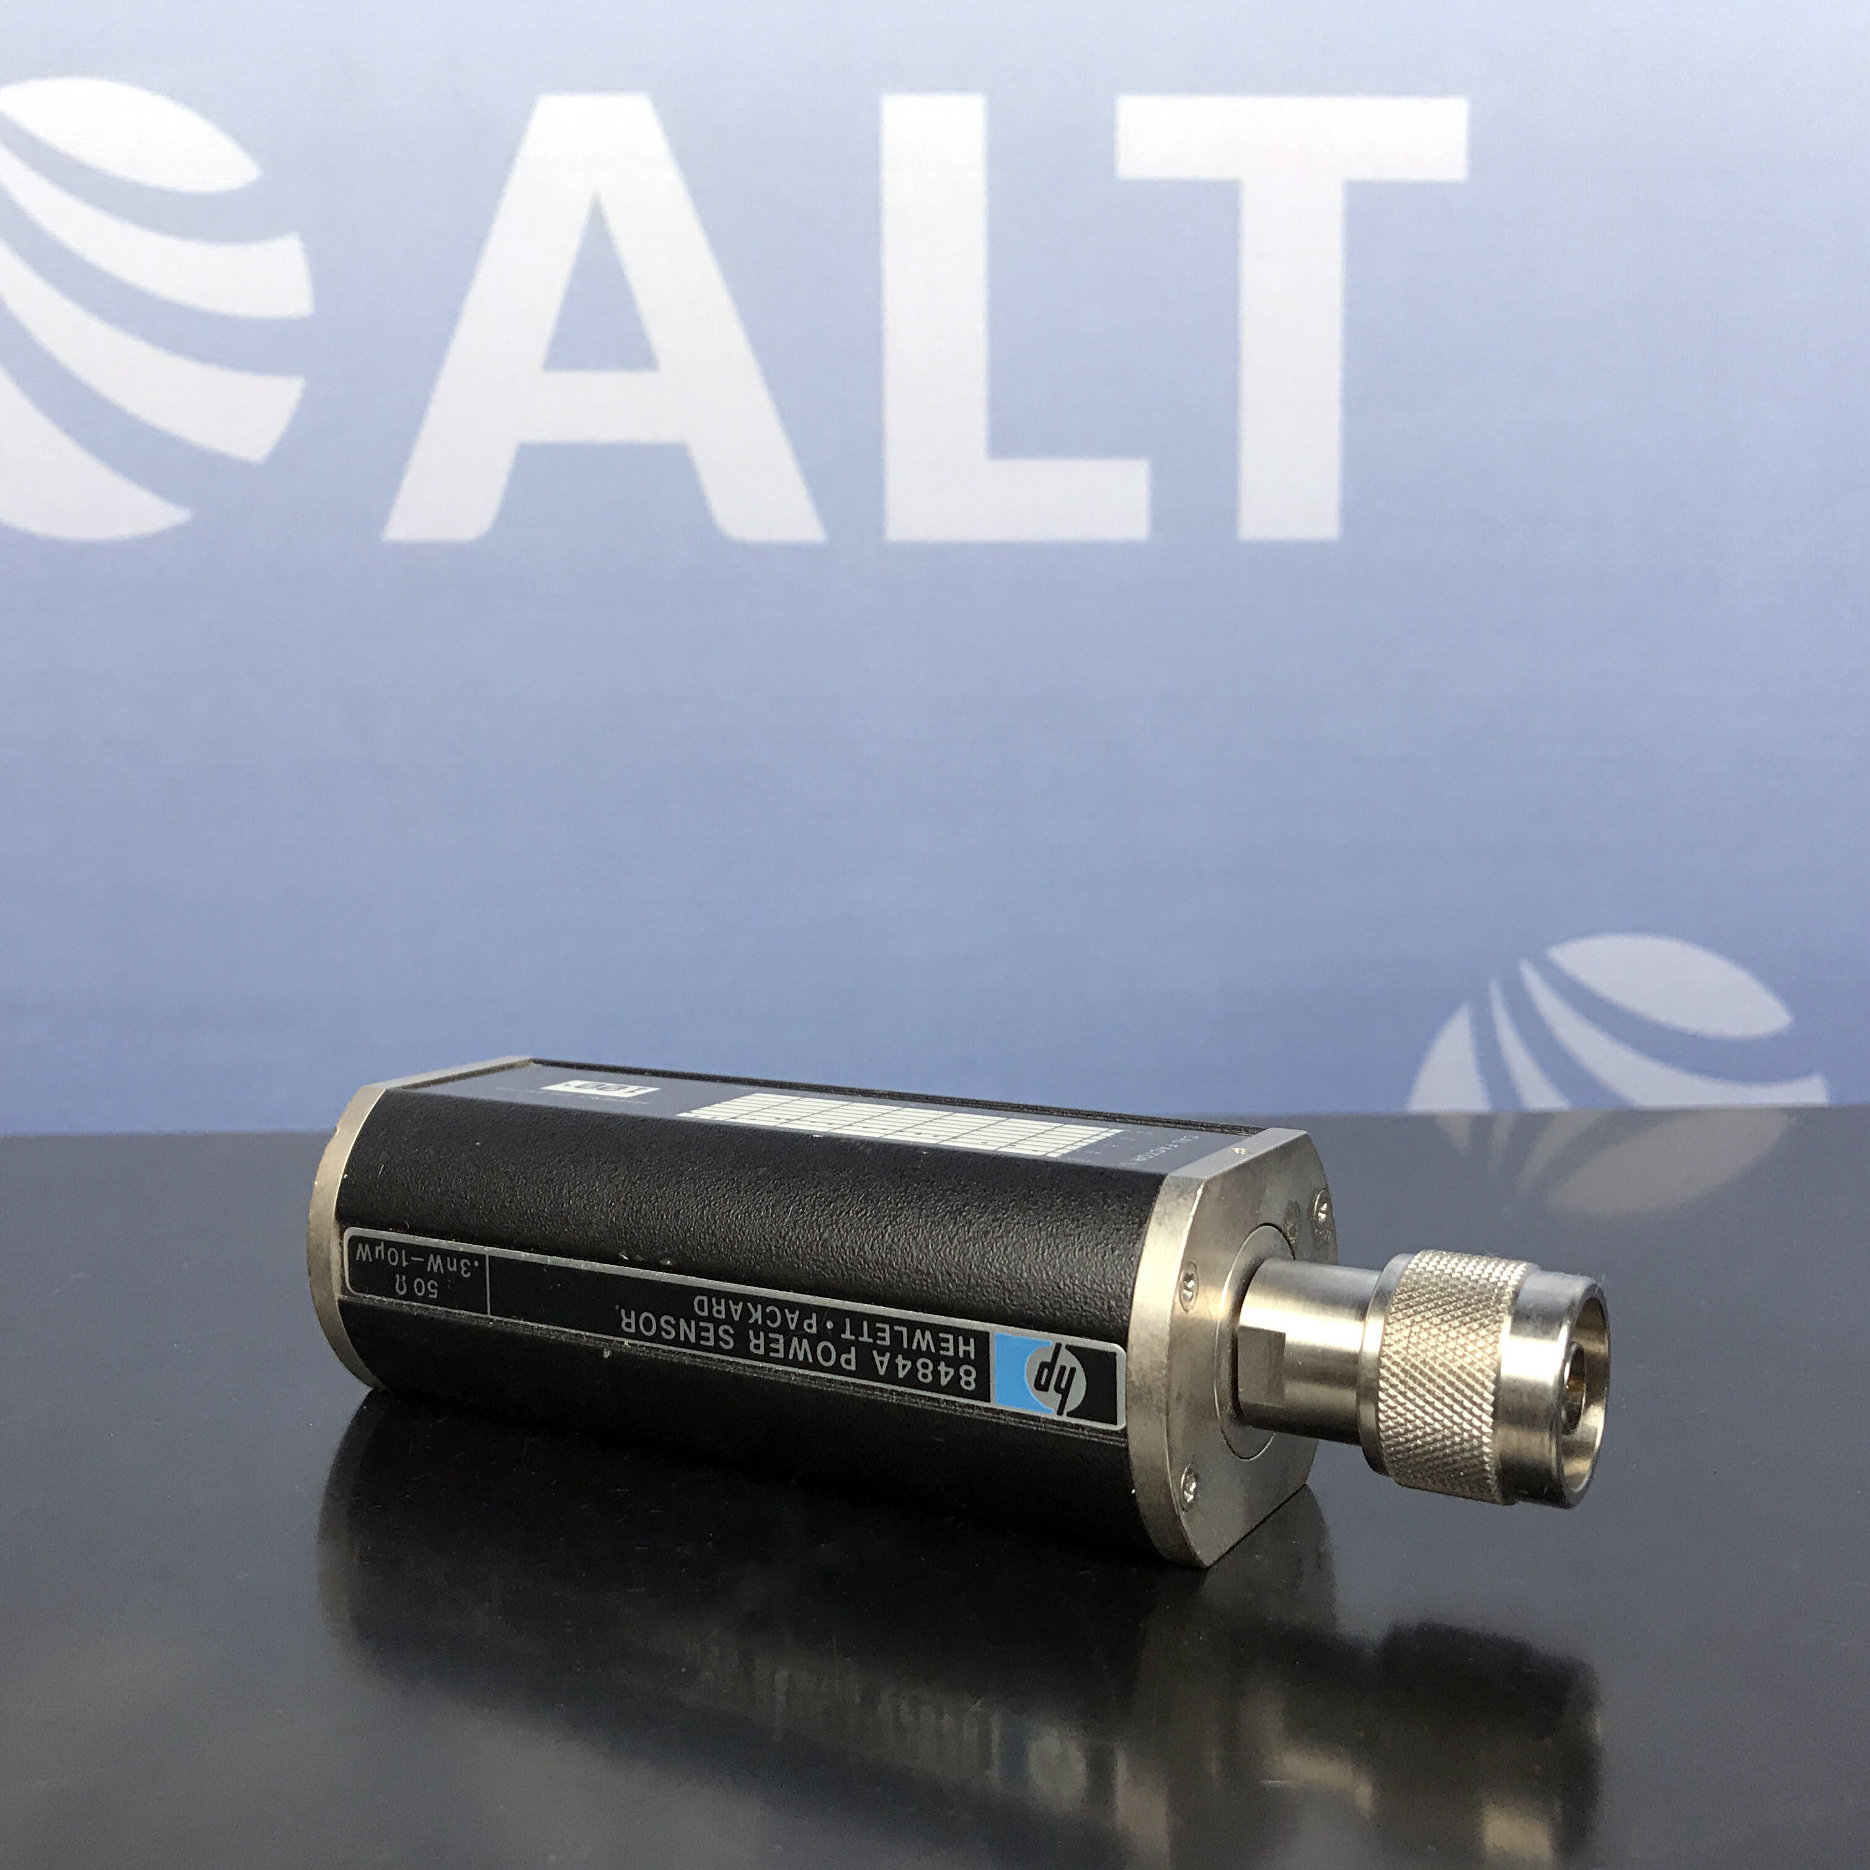 Hewlett Packard Hewlett Packard 8484A High Sensitivity Sensor  Image